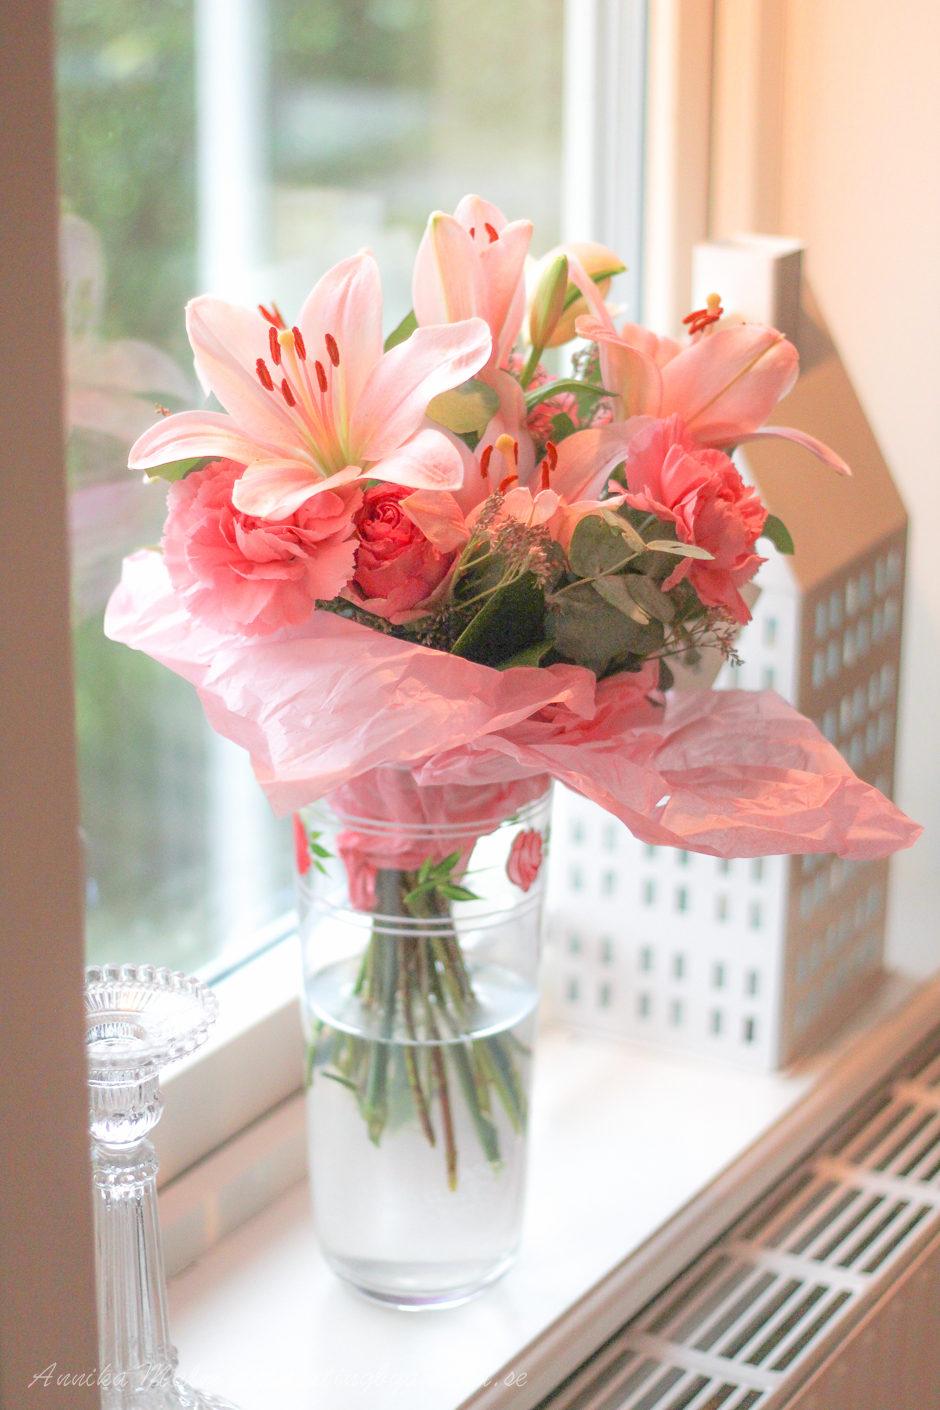 Vackra blommor från mina arbetskamrater